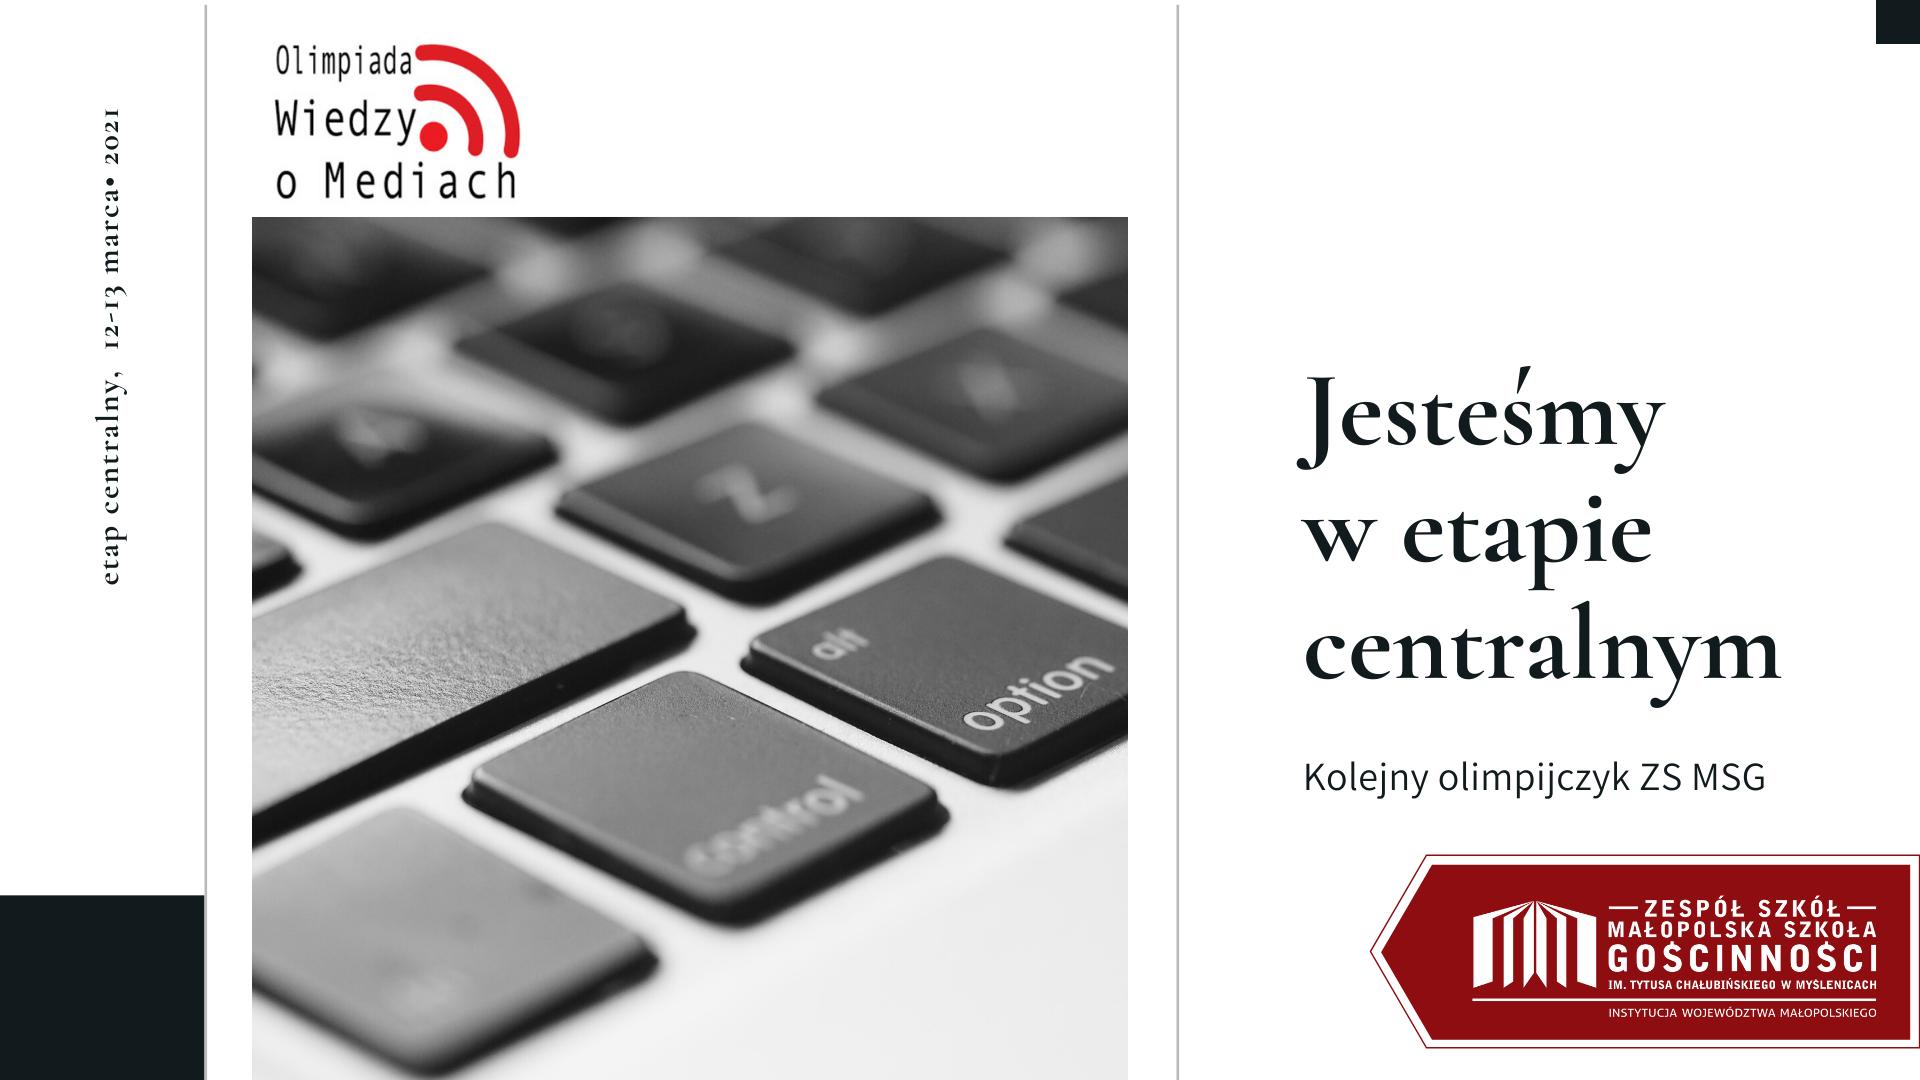 Widok na czarno-białą klawiaturę komputera oraz logotyp olimpiady wiedzy o mediach i małopolskiej szkoły gościnności